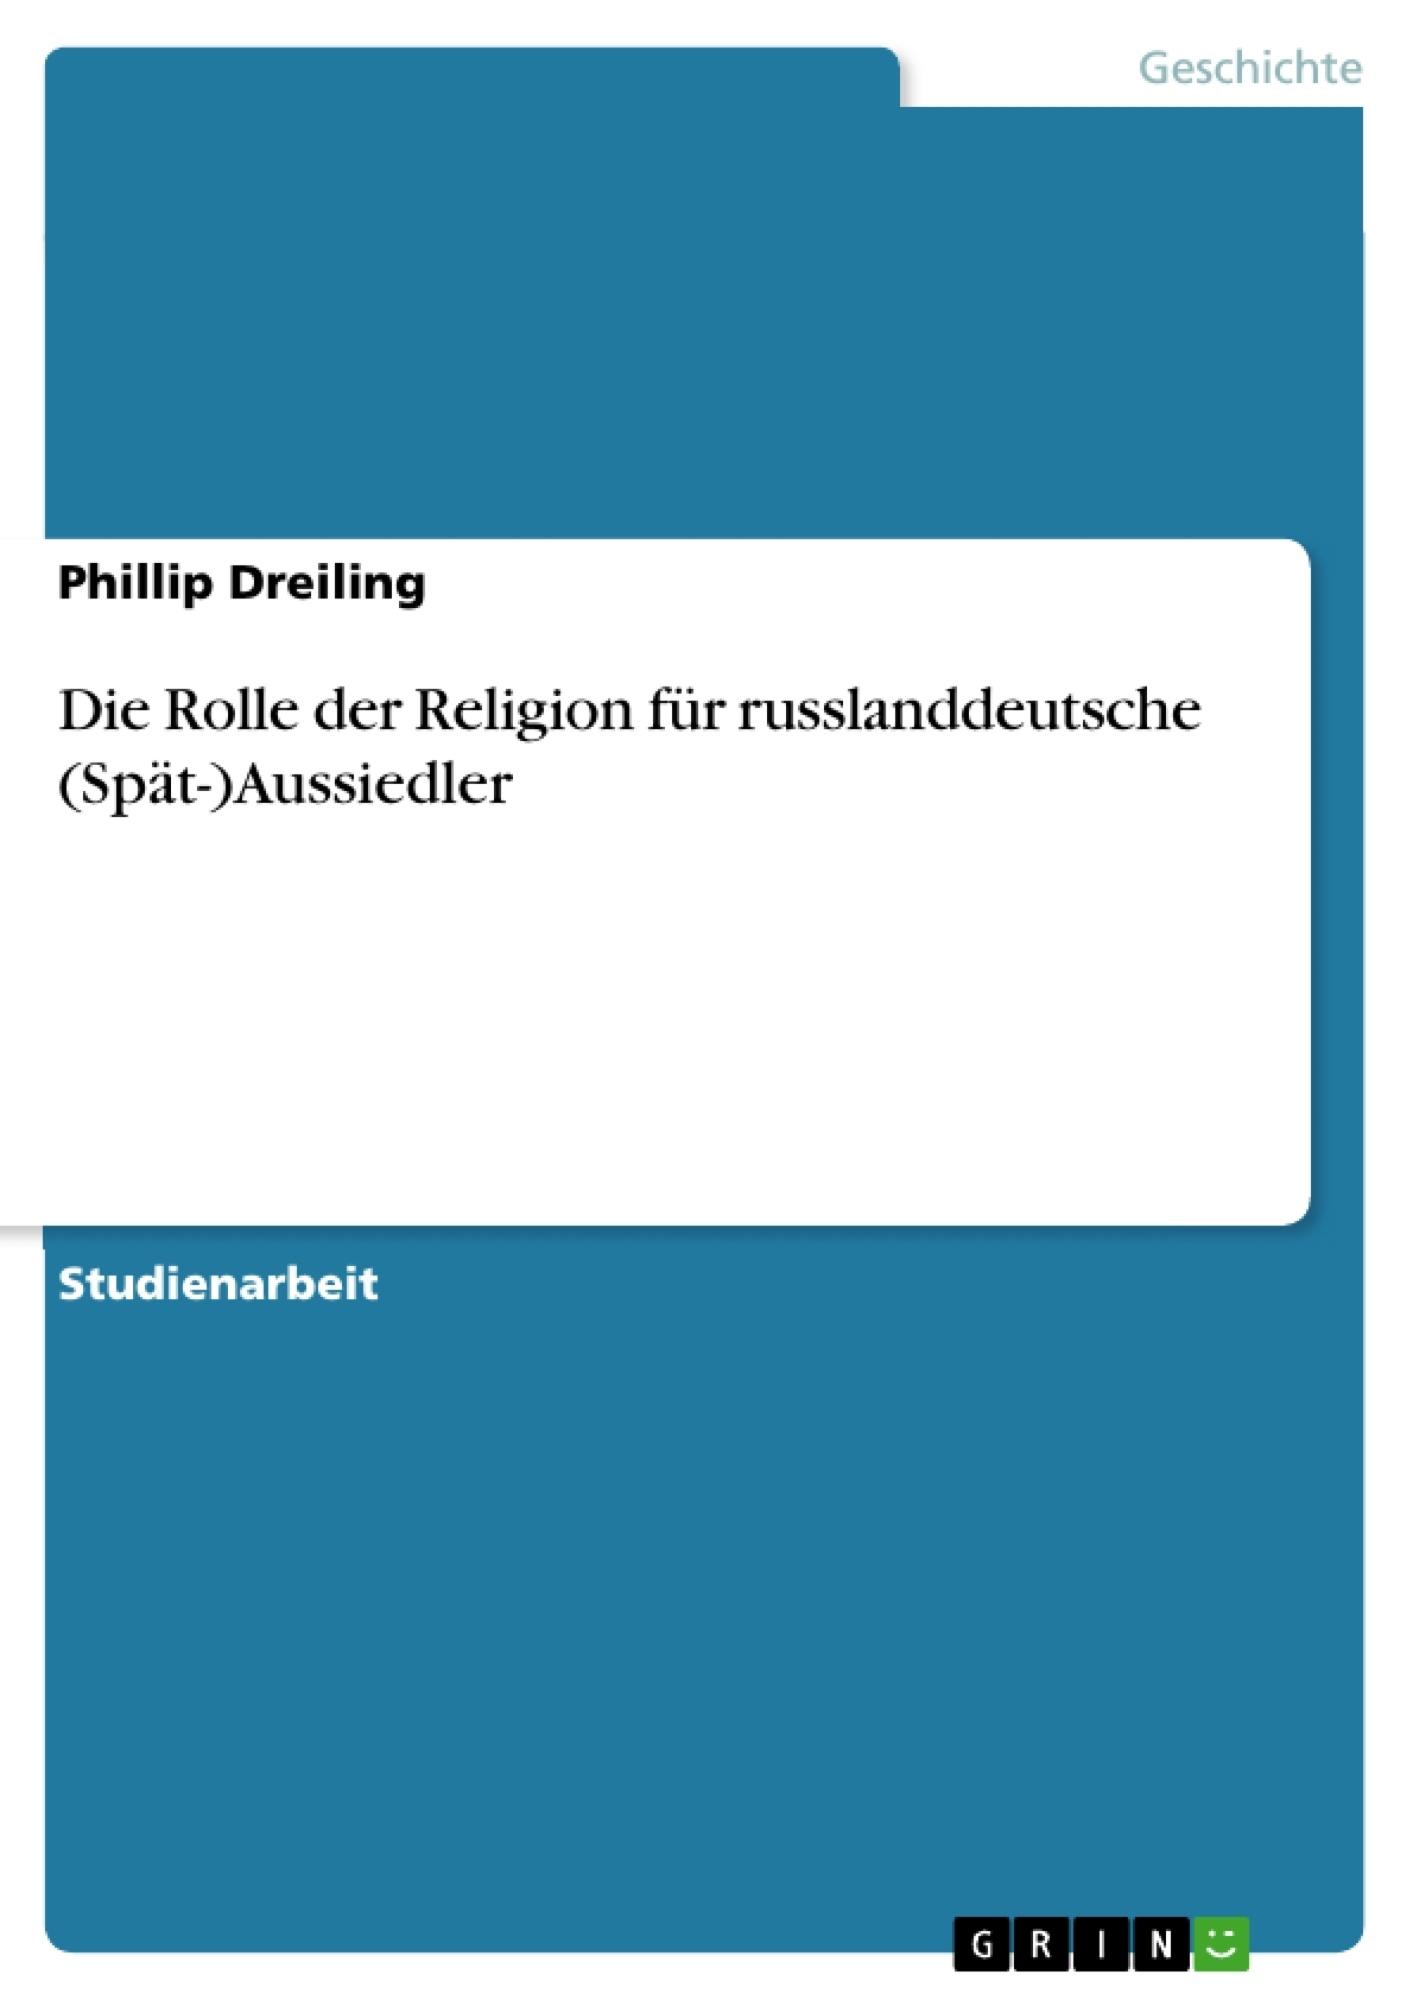 Titel: Die Rolle der Religion für russlanddeutsche (Spät-)Aussiedler